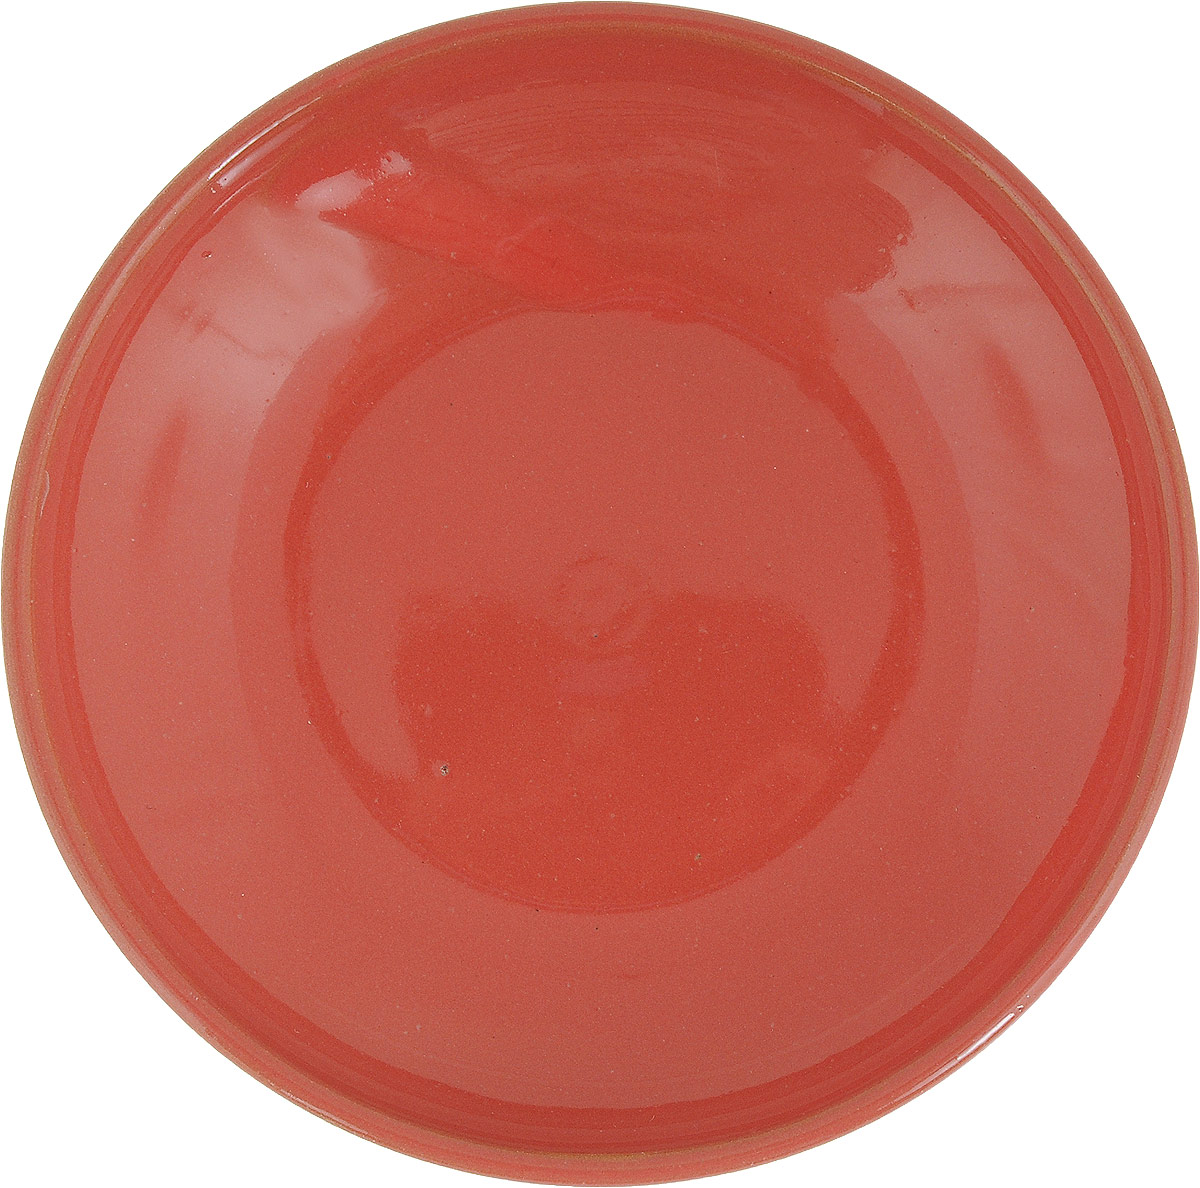 Фото - Блюдце Борисовская керамика Радуга, цвет: коралловый, диаметр 10 см блюдце борисовская керамика радуга цвет темно серый диаметр 10 см